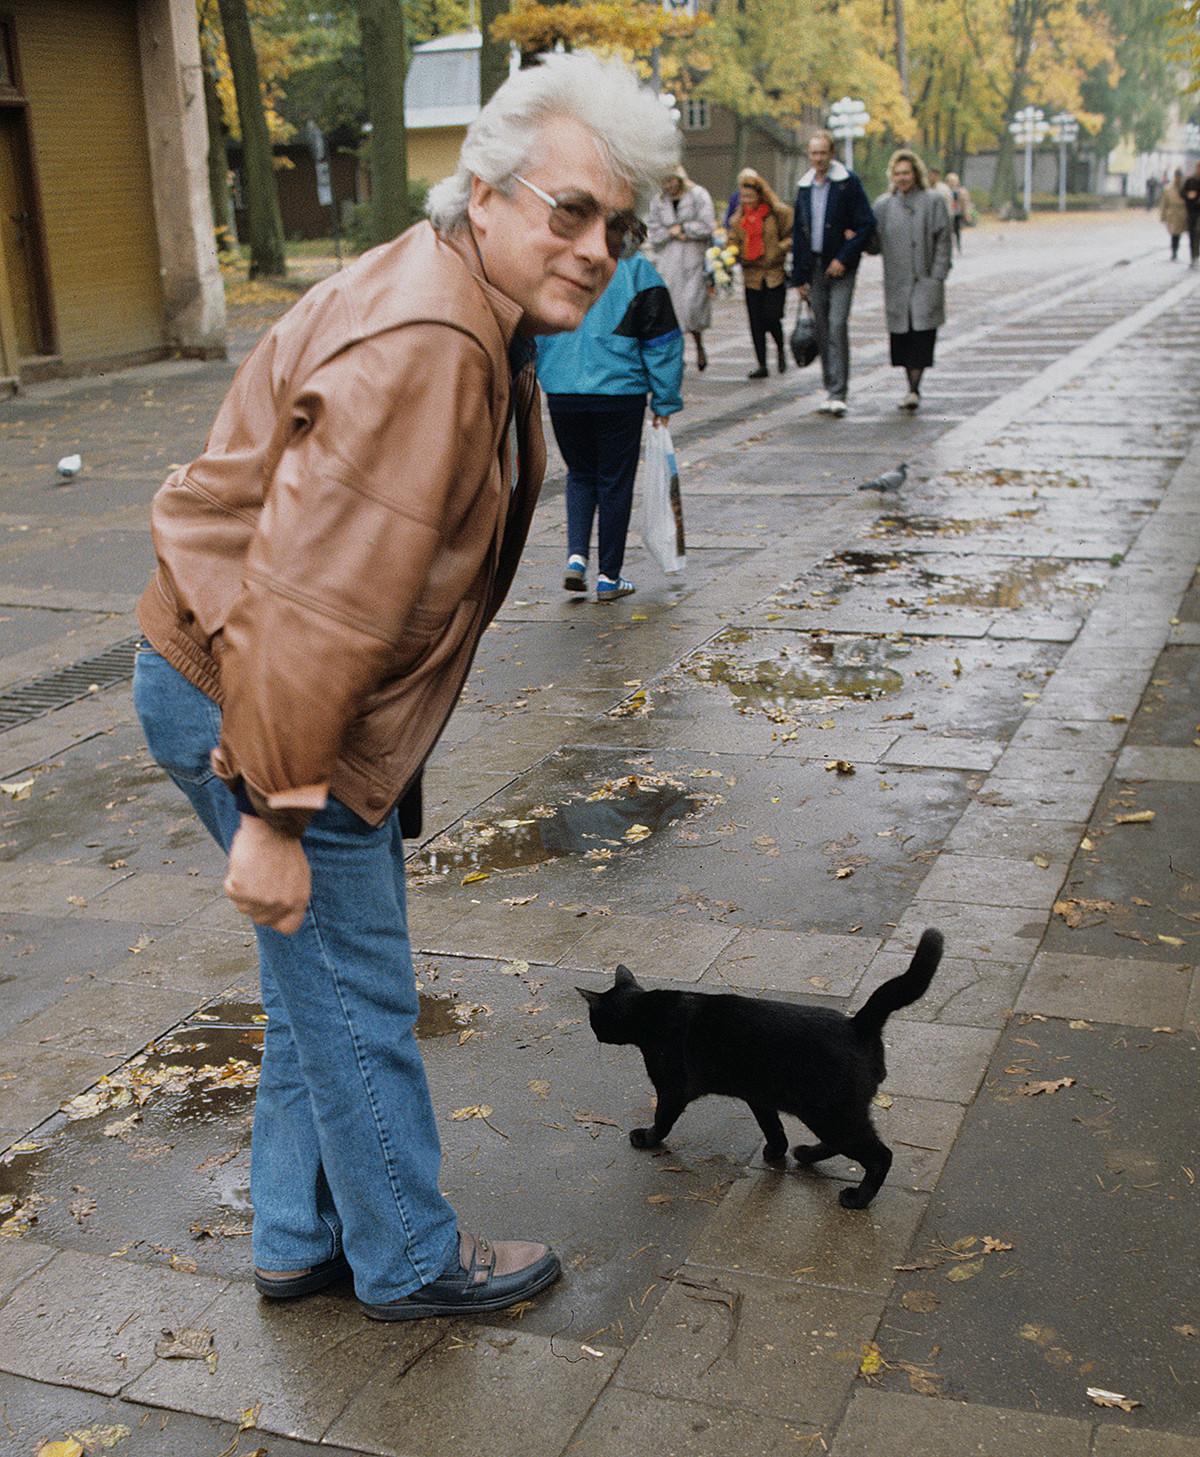 Ilusionis Rusia Alan Chumak berhenti saat melihat seekor kucing hitam.